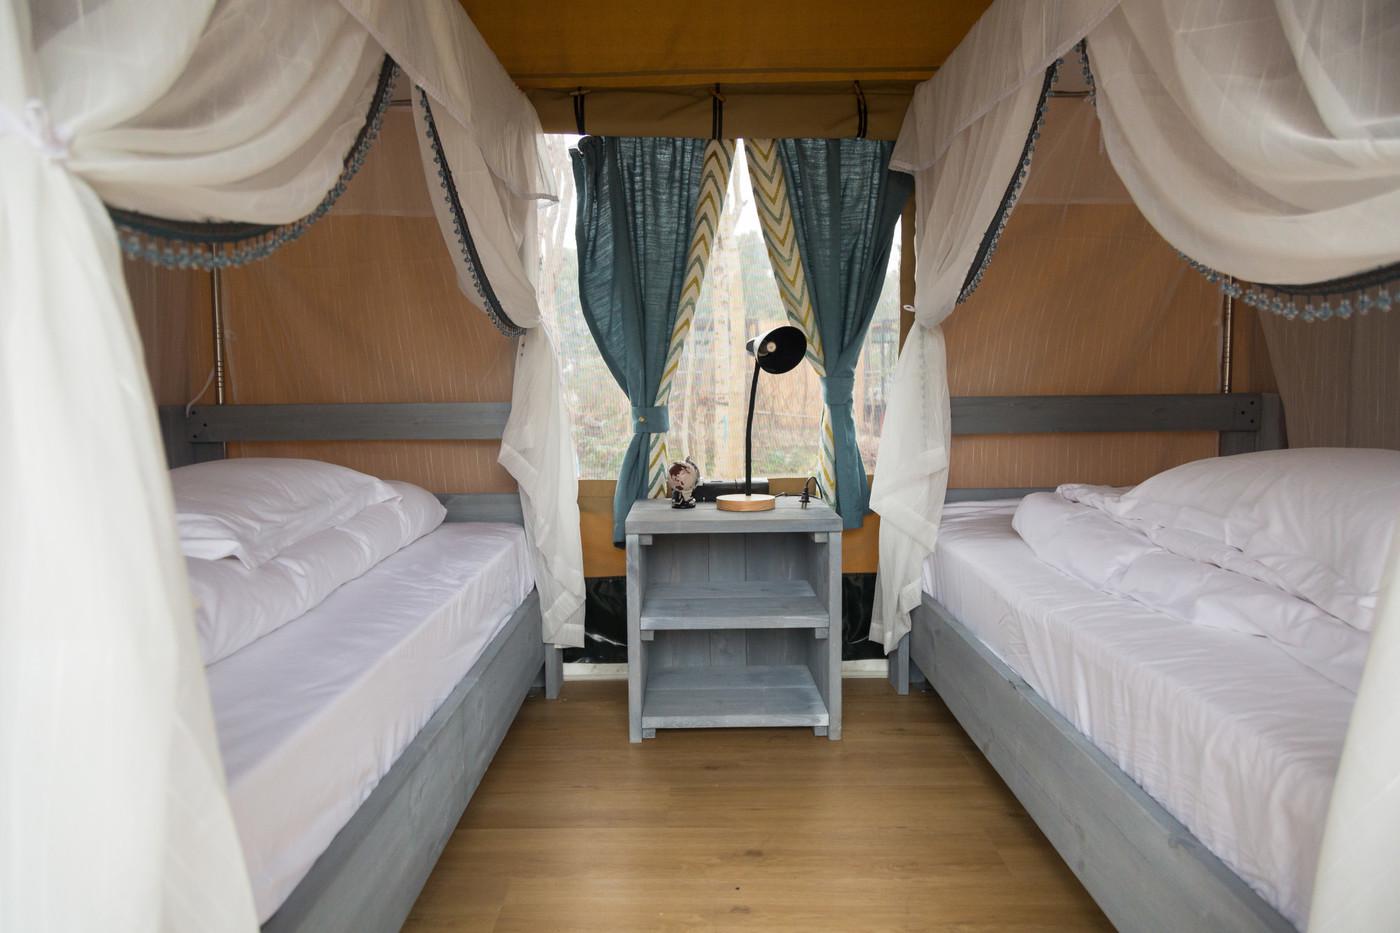 喜马拉雅嘉境林邸子母房奢华帐篷酒店生产厂家,为全球30多个国家提供营地帐篷酒店规划设计制造服务!以下为奢华帐篷酒店图片和视频介绍!33